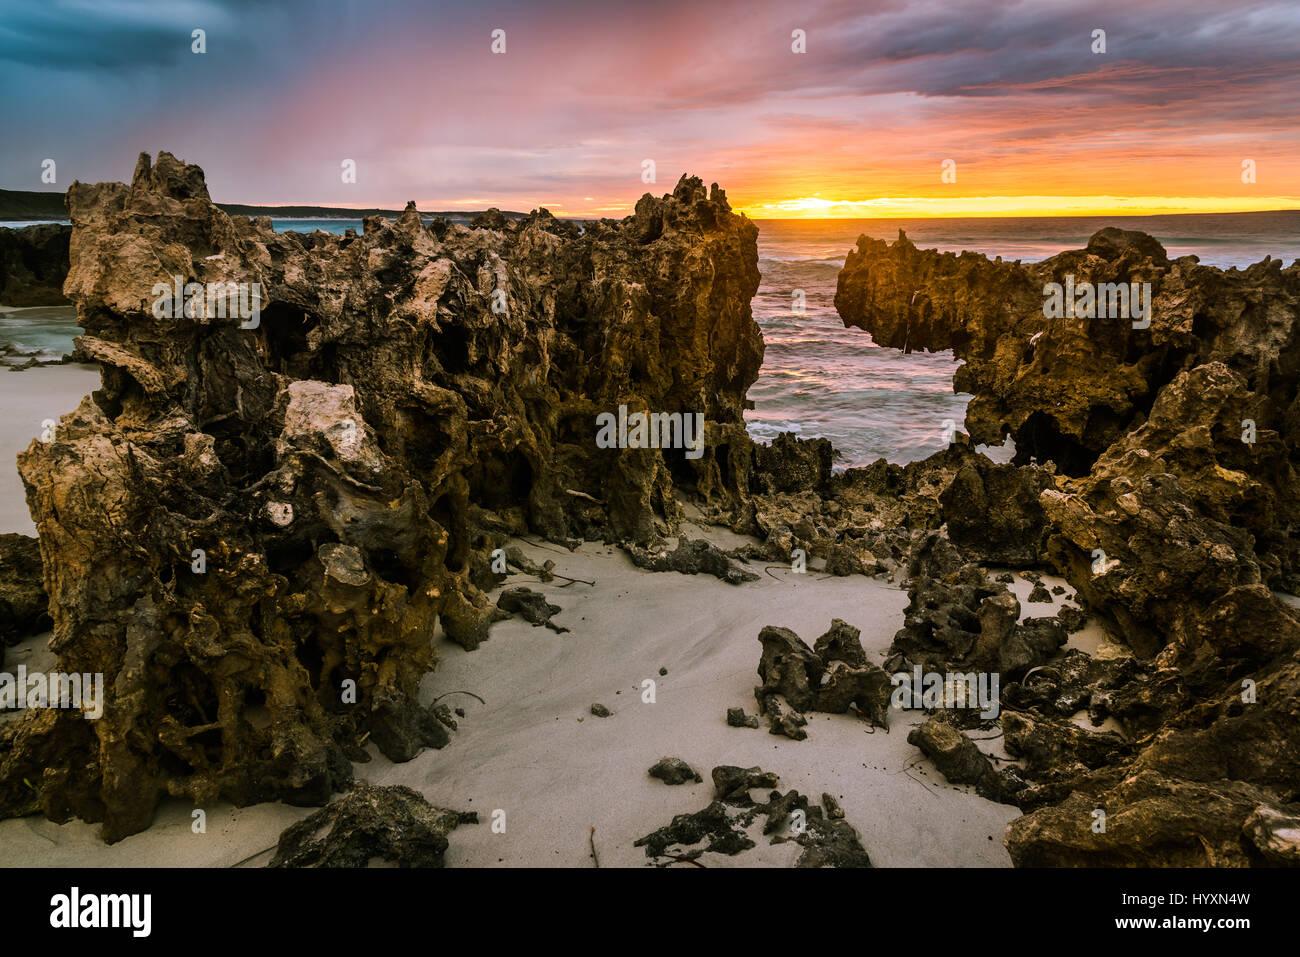 Sunrise at Quagi Beach in Western Australia - Stock Image